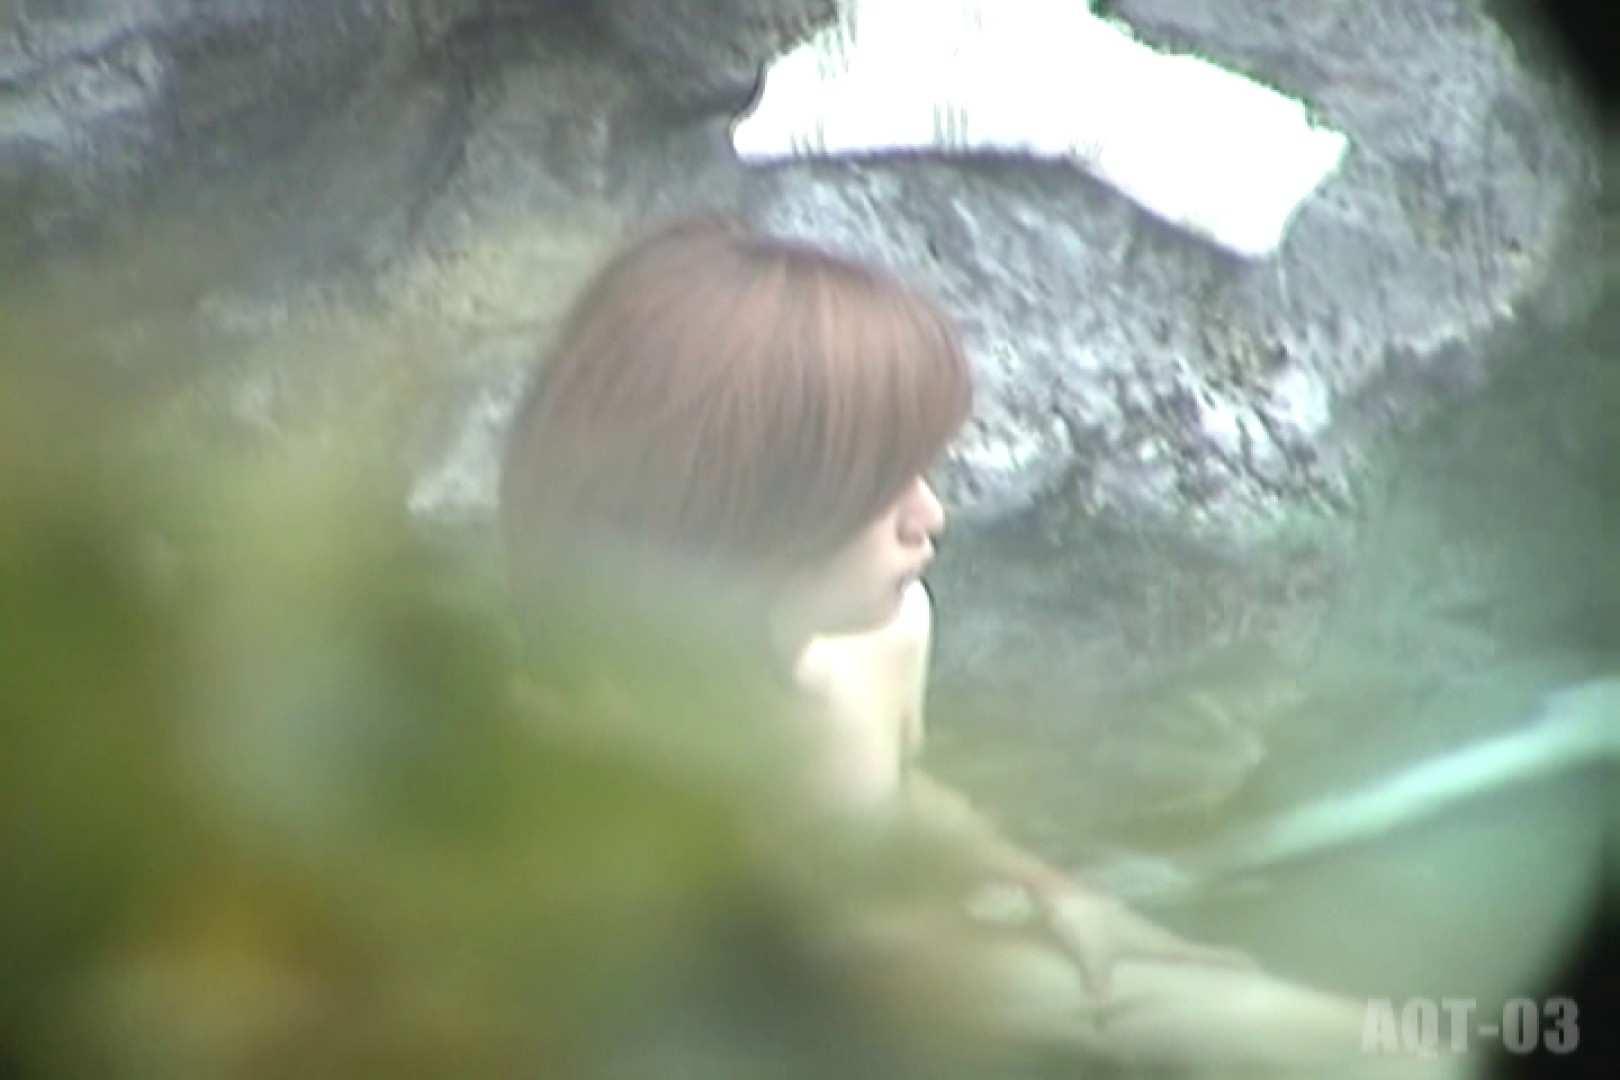 Aquaな露天風呂Vol.731 OLハメ撮り  104Pix 80